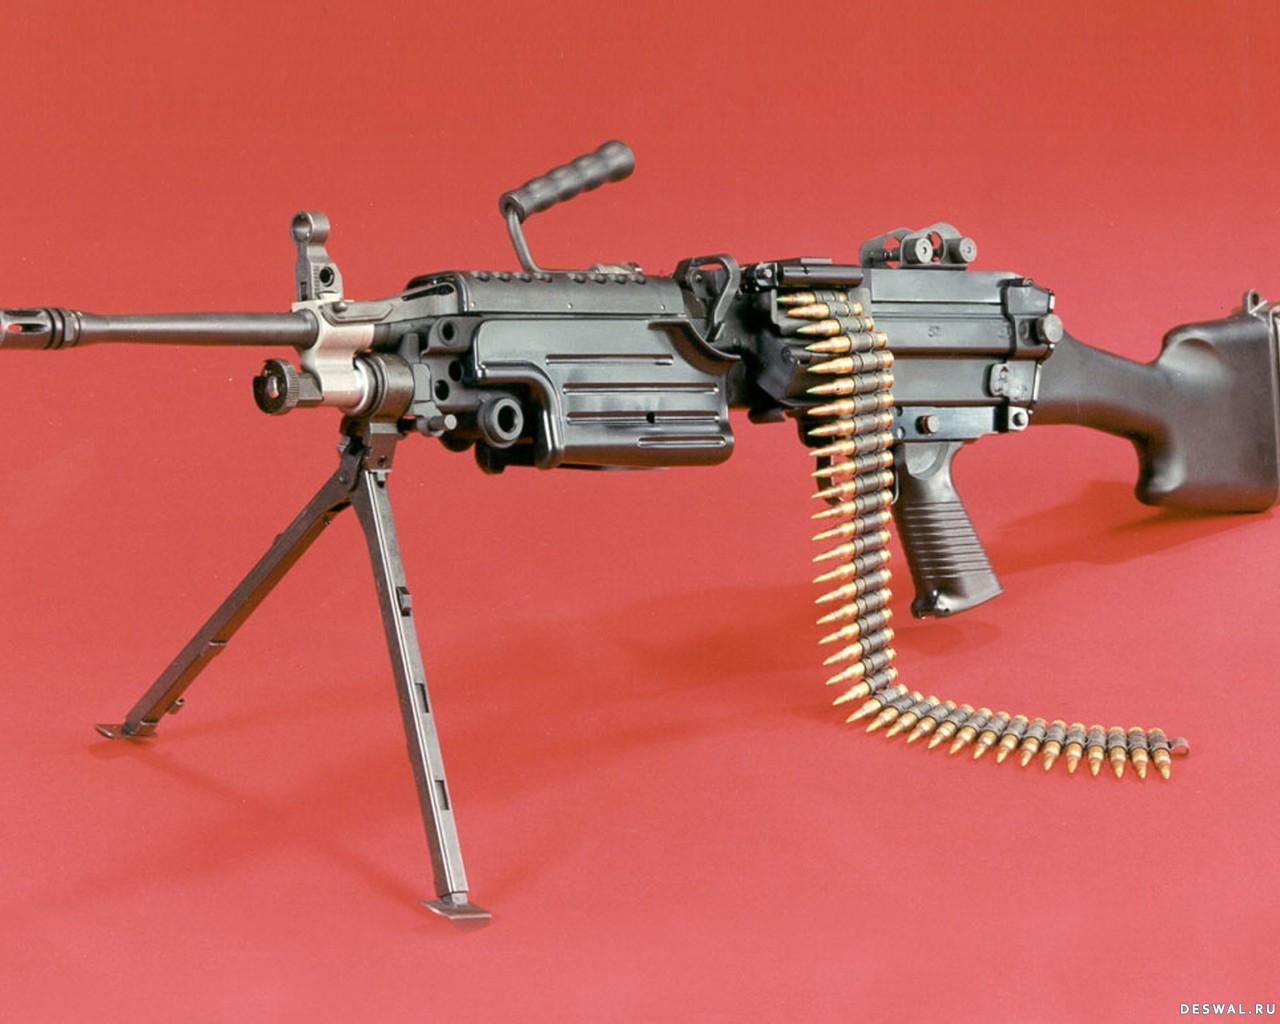 Фото 21. Нажмите на картинку с обоями оружия, чтобы просмотреть ее в реальном размере